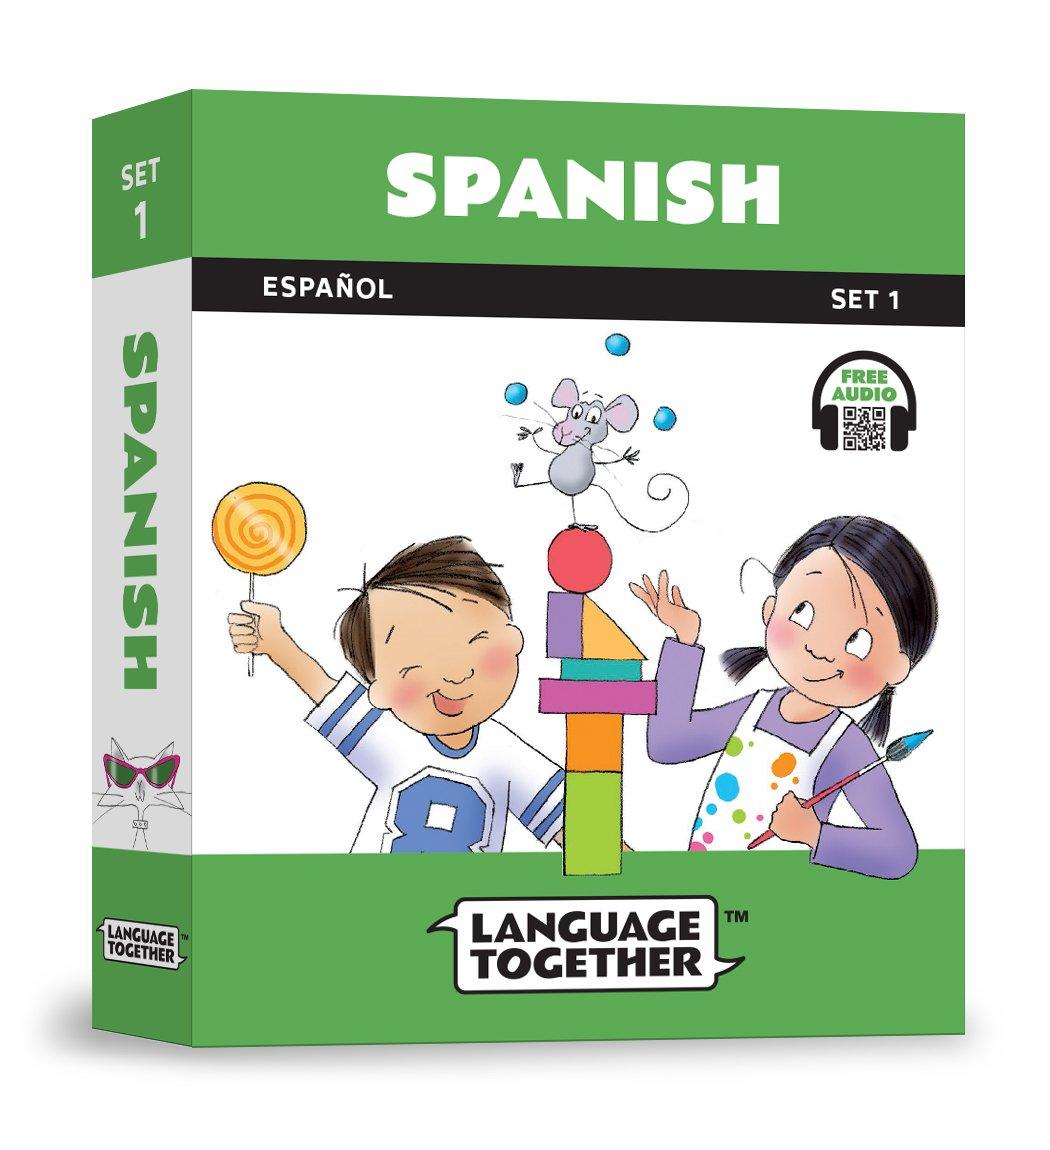 Language Together Spanish Set One product image